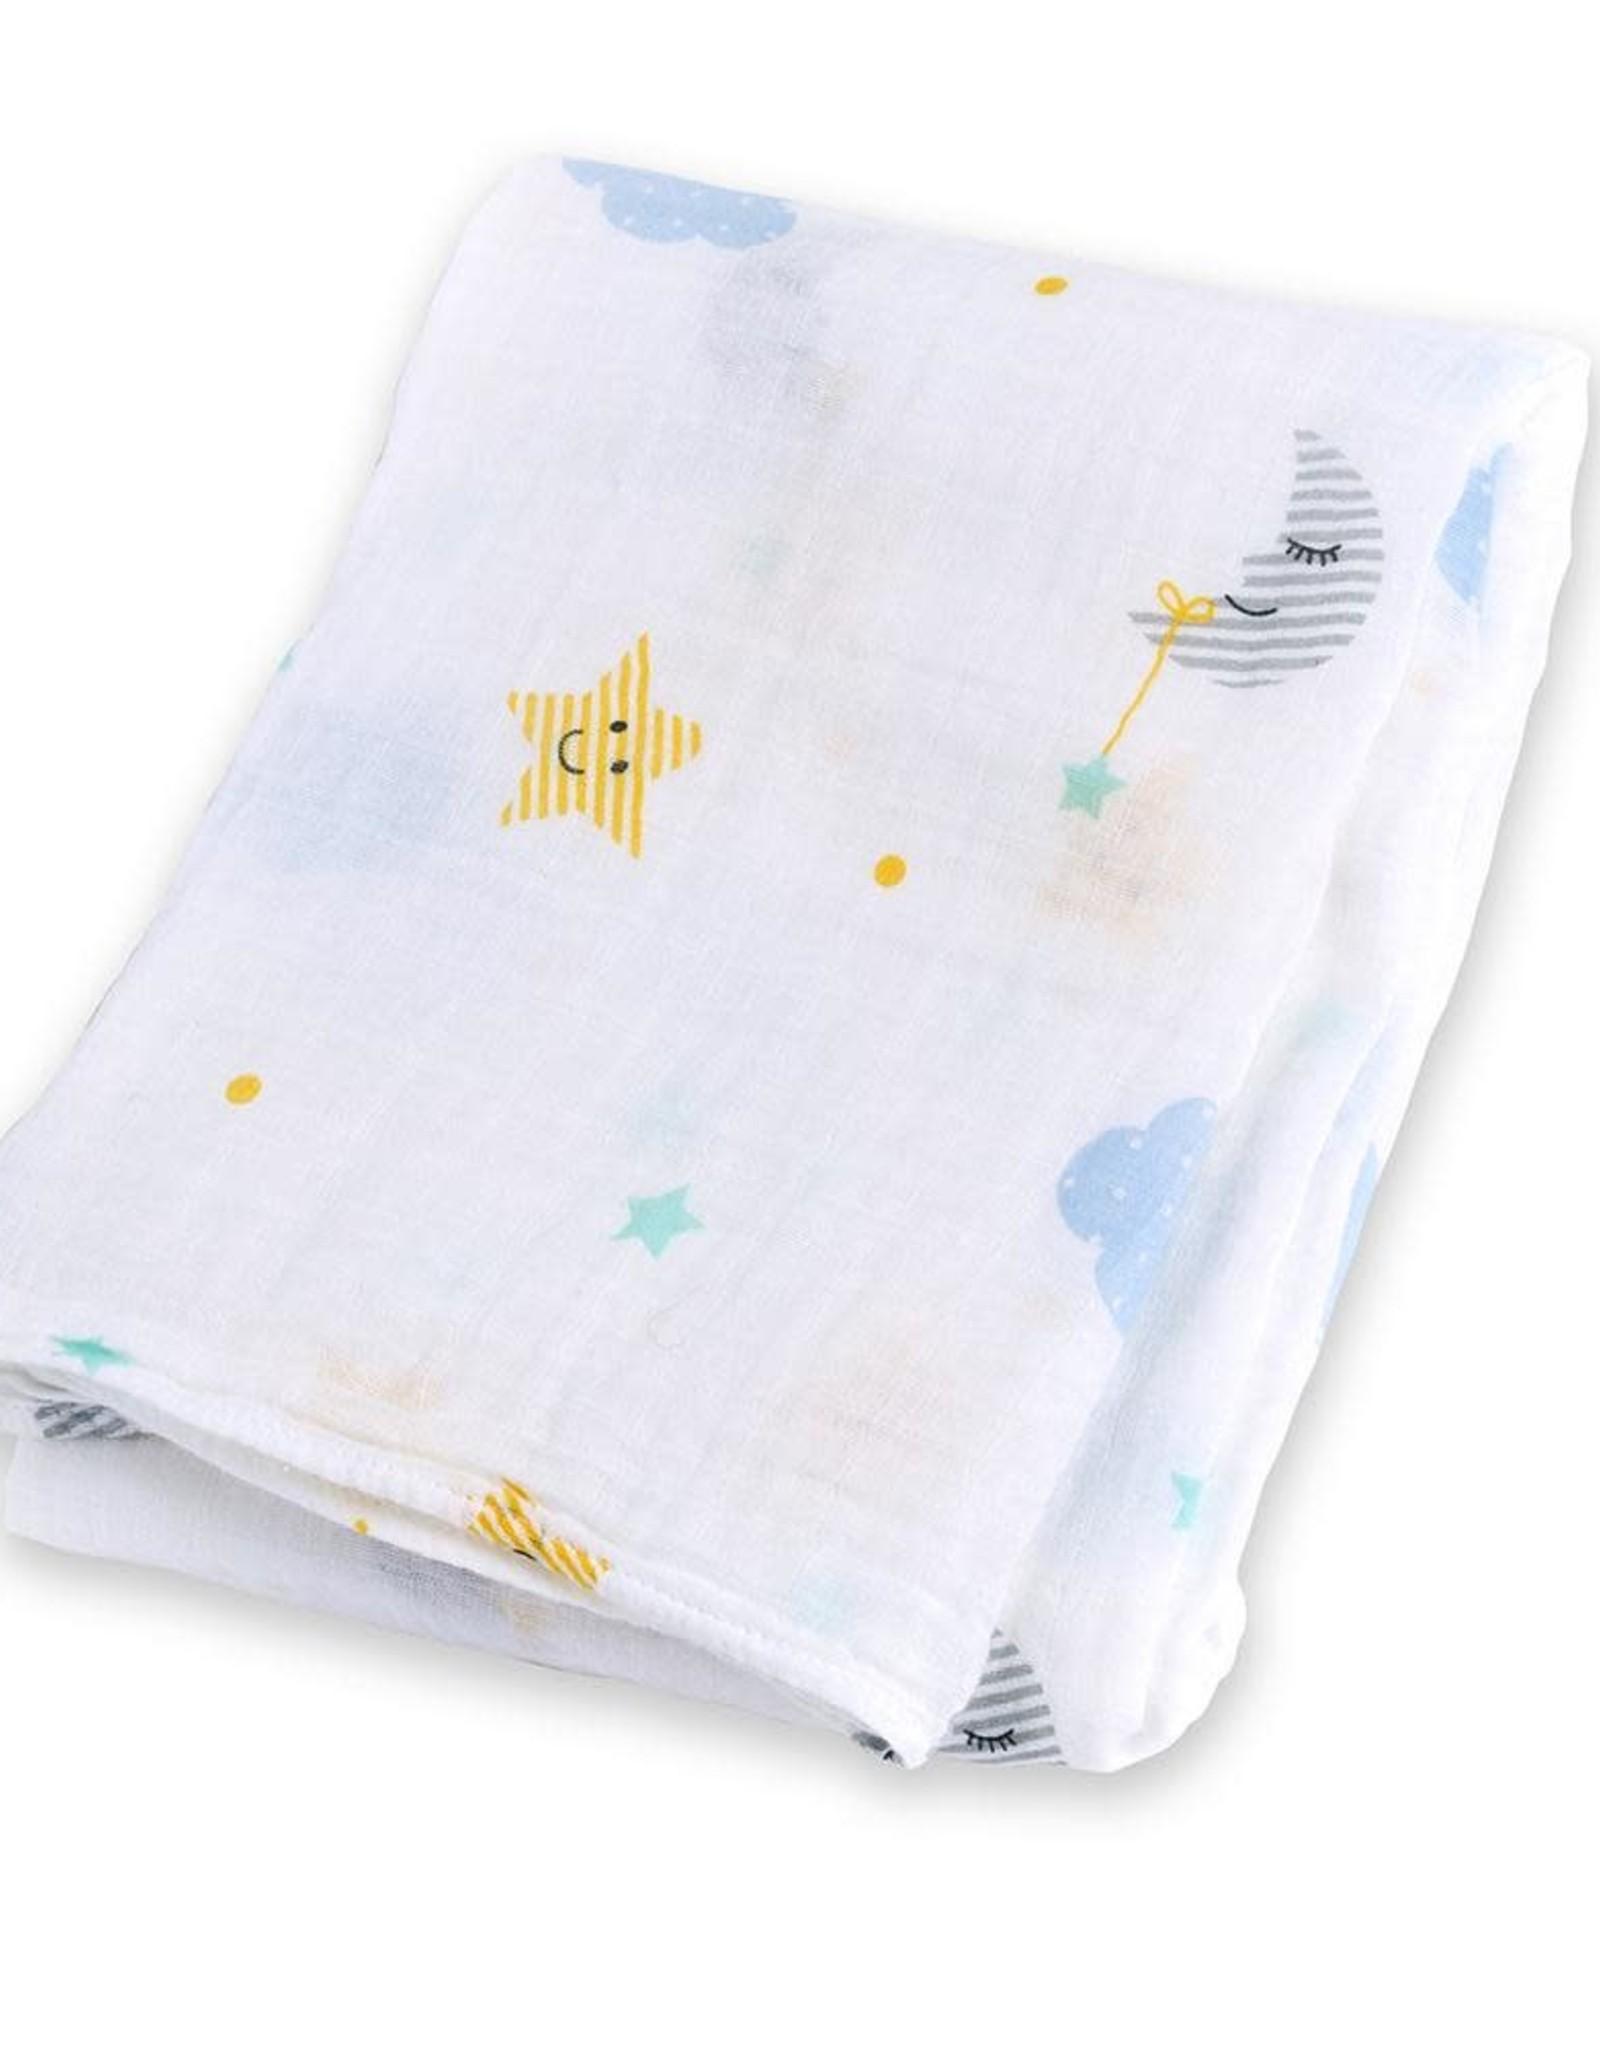 Lulujo Lulujo Muslin Swaddle Blanket - Dreamland